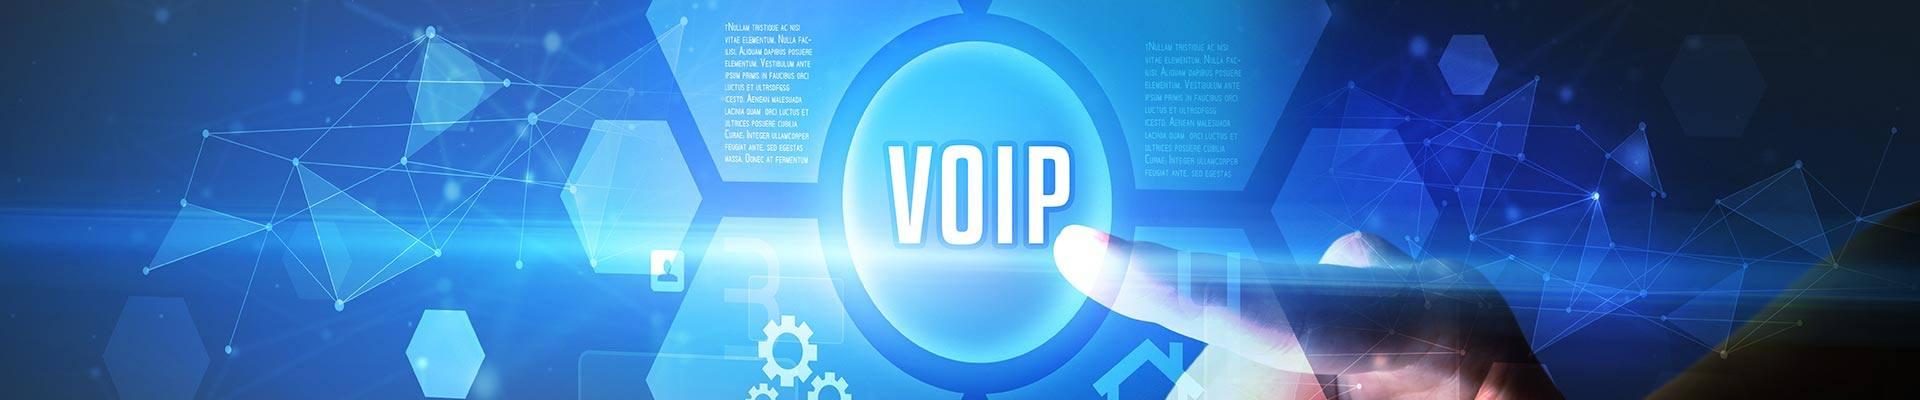 Hosted VOIP in Palm Beach, Delray Beach, Palm Beach Gardens, Jupiter, FL